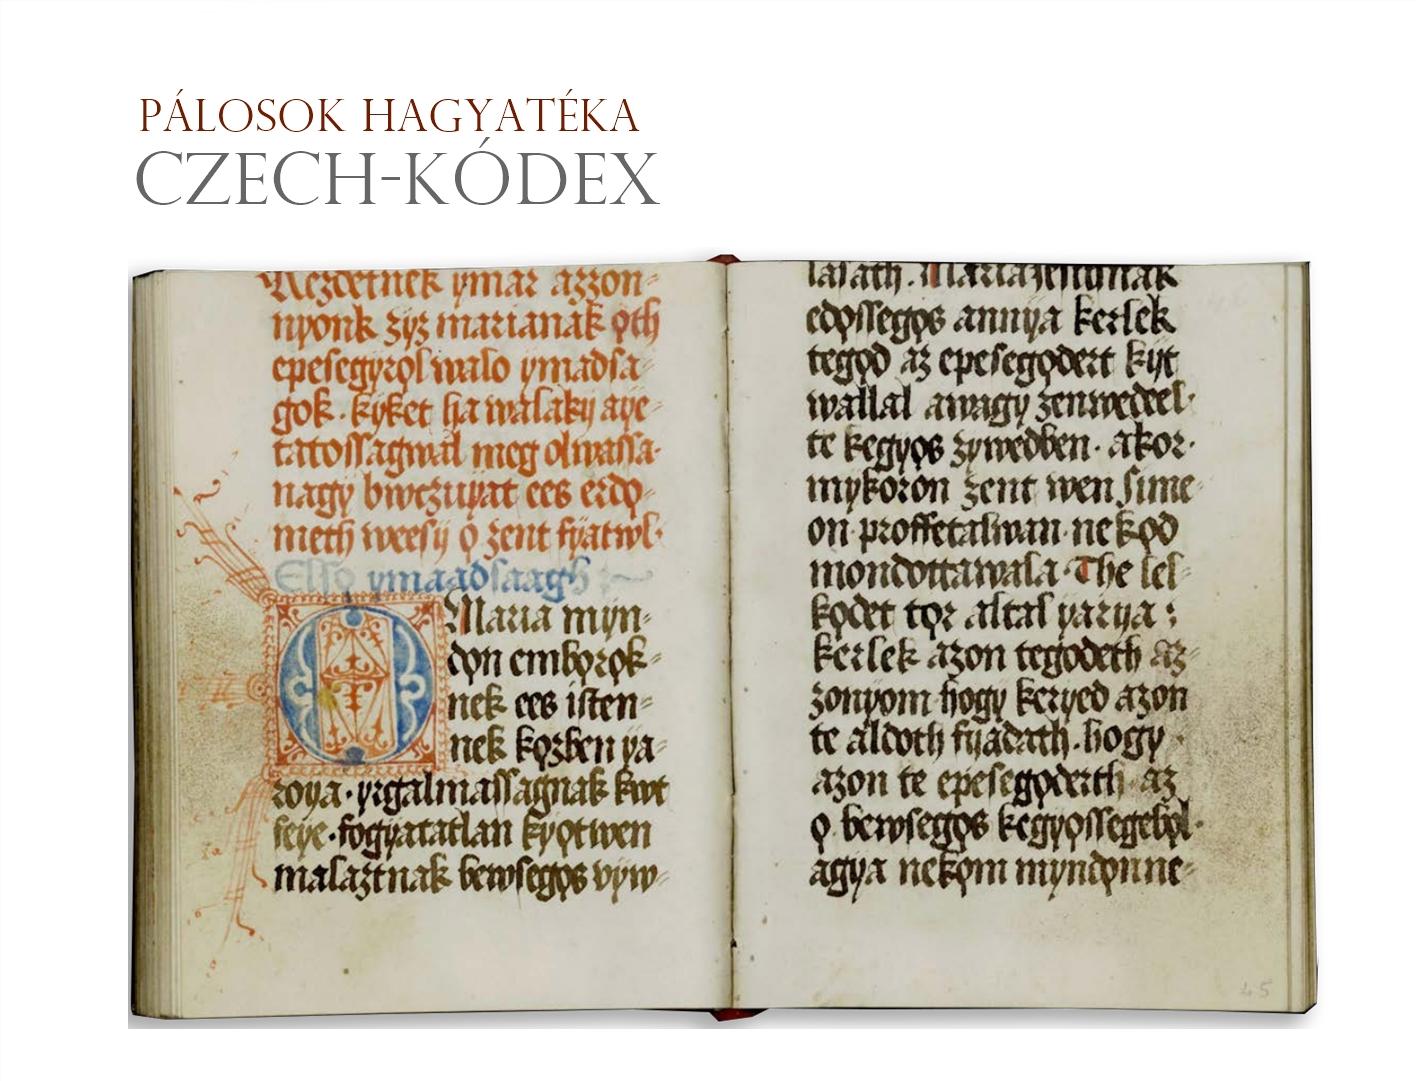 Czech-kódex